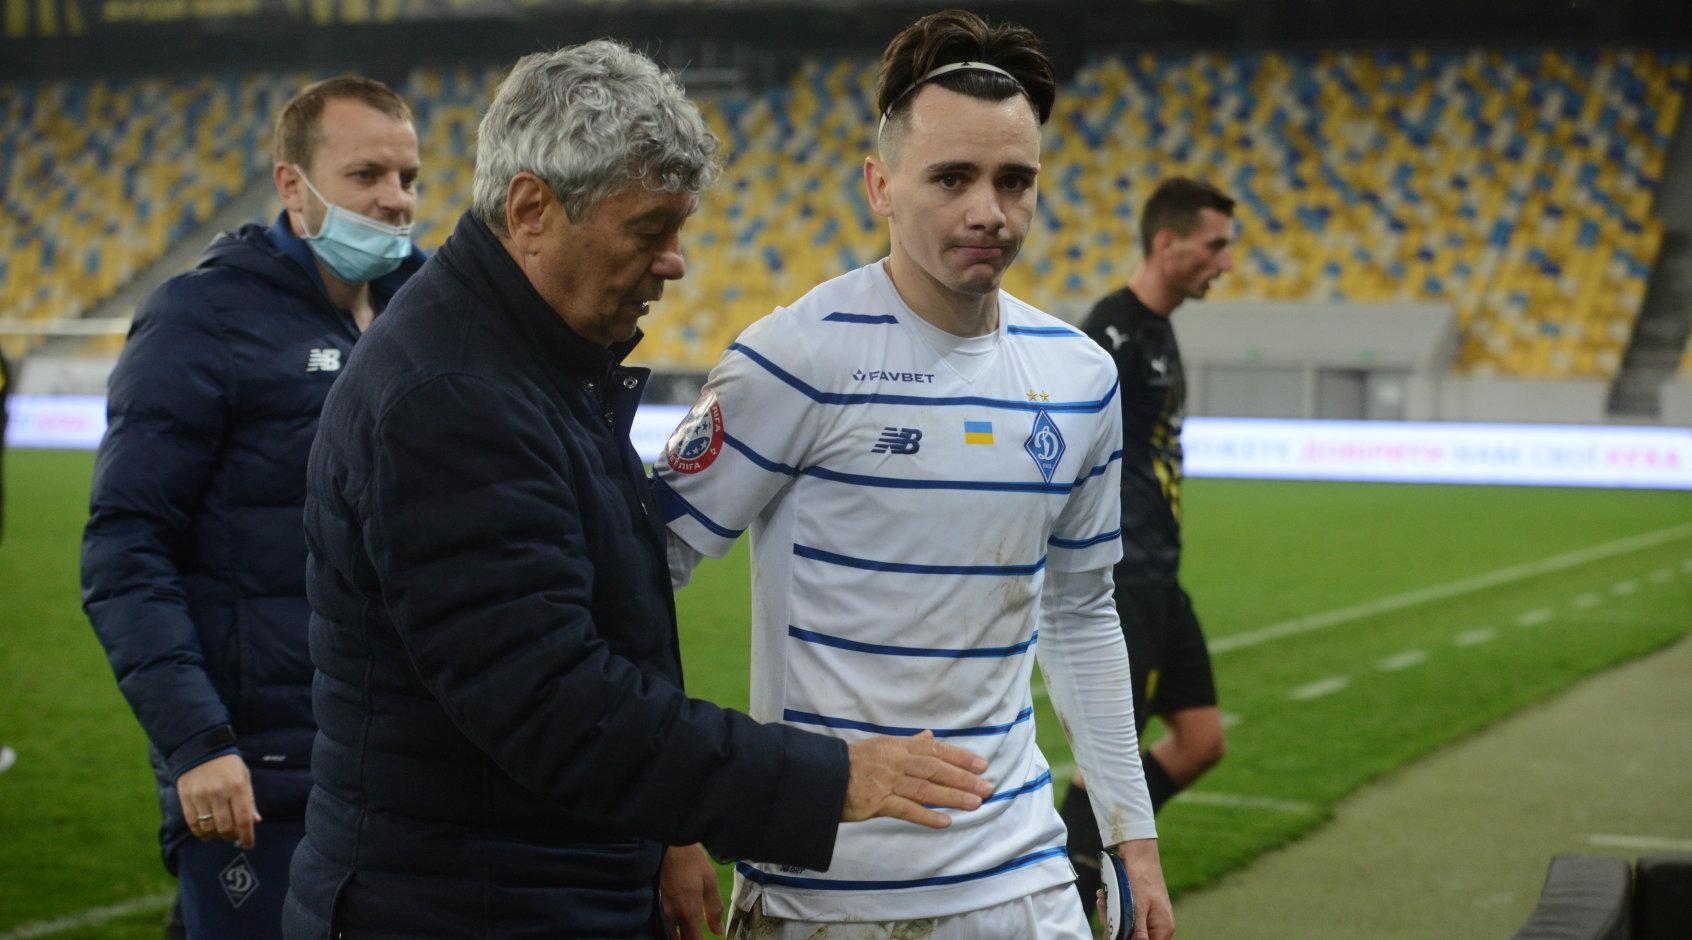 """Николай Шапаренко: """"Очень мало было времени восстановиться после сборной, но мы справились"""""""